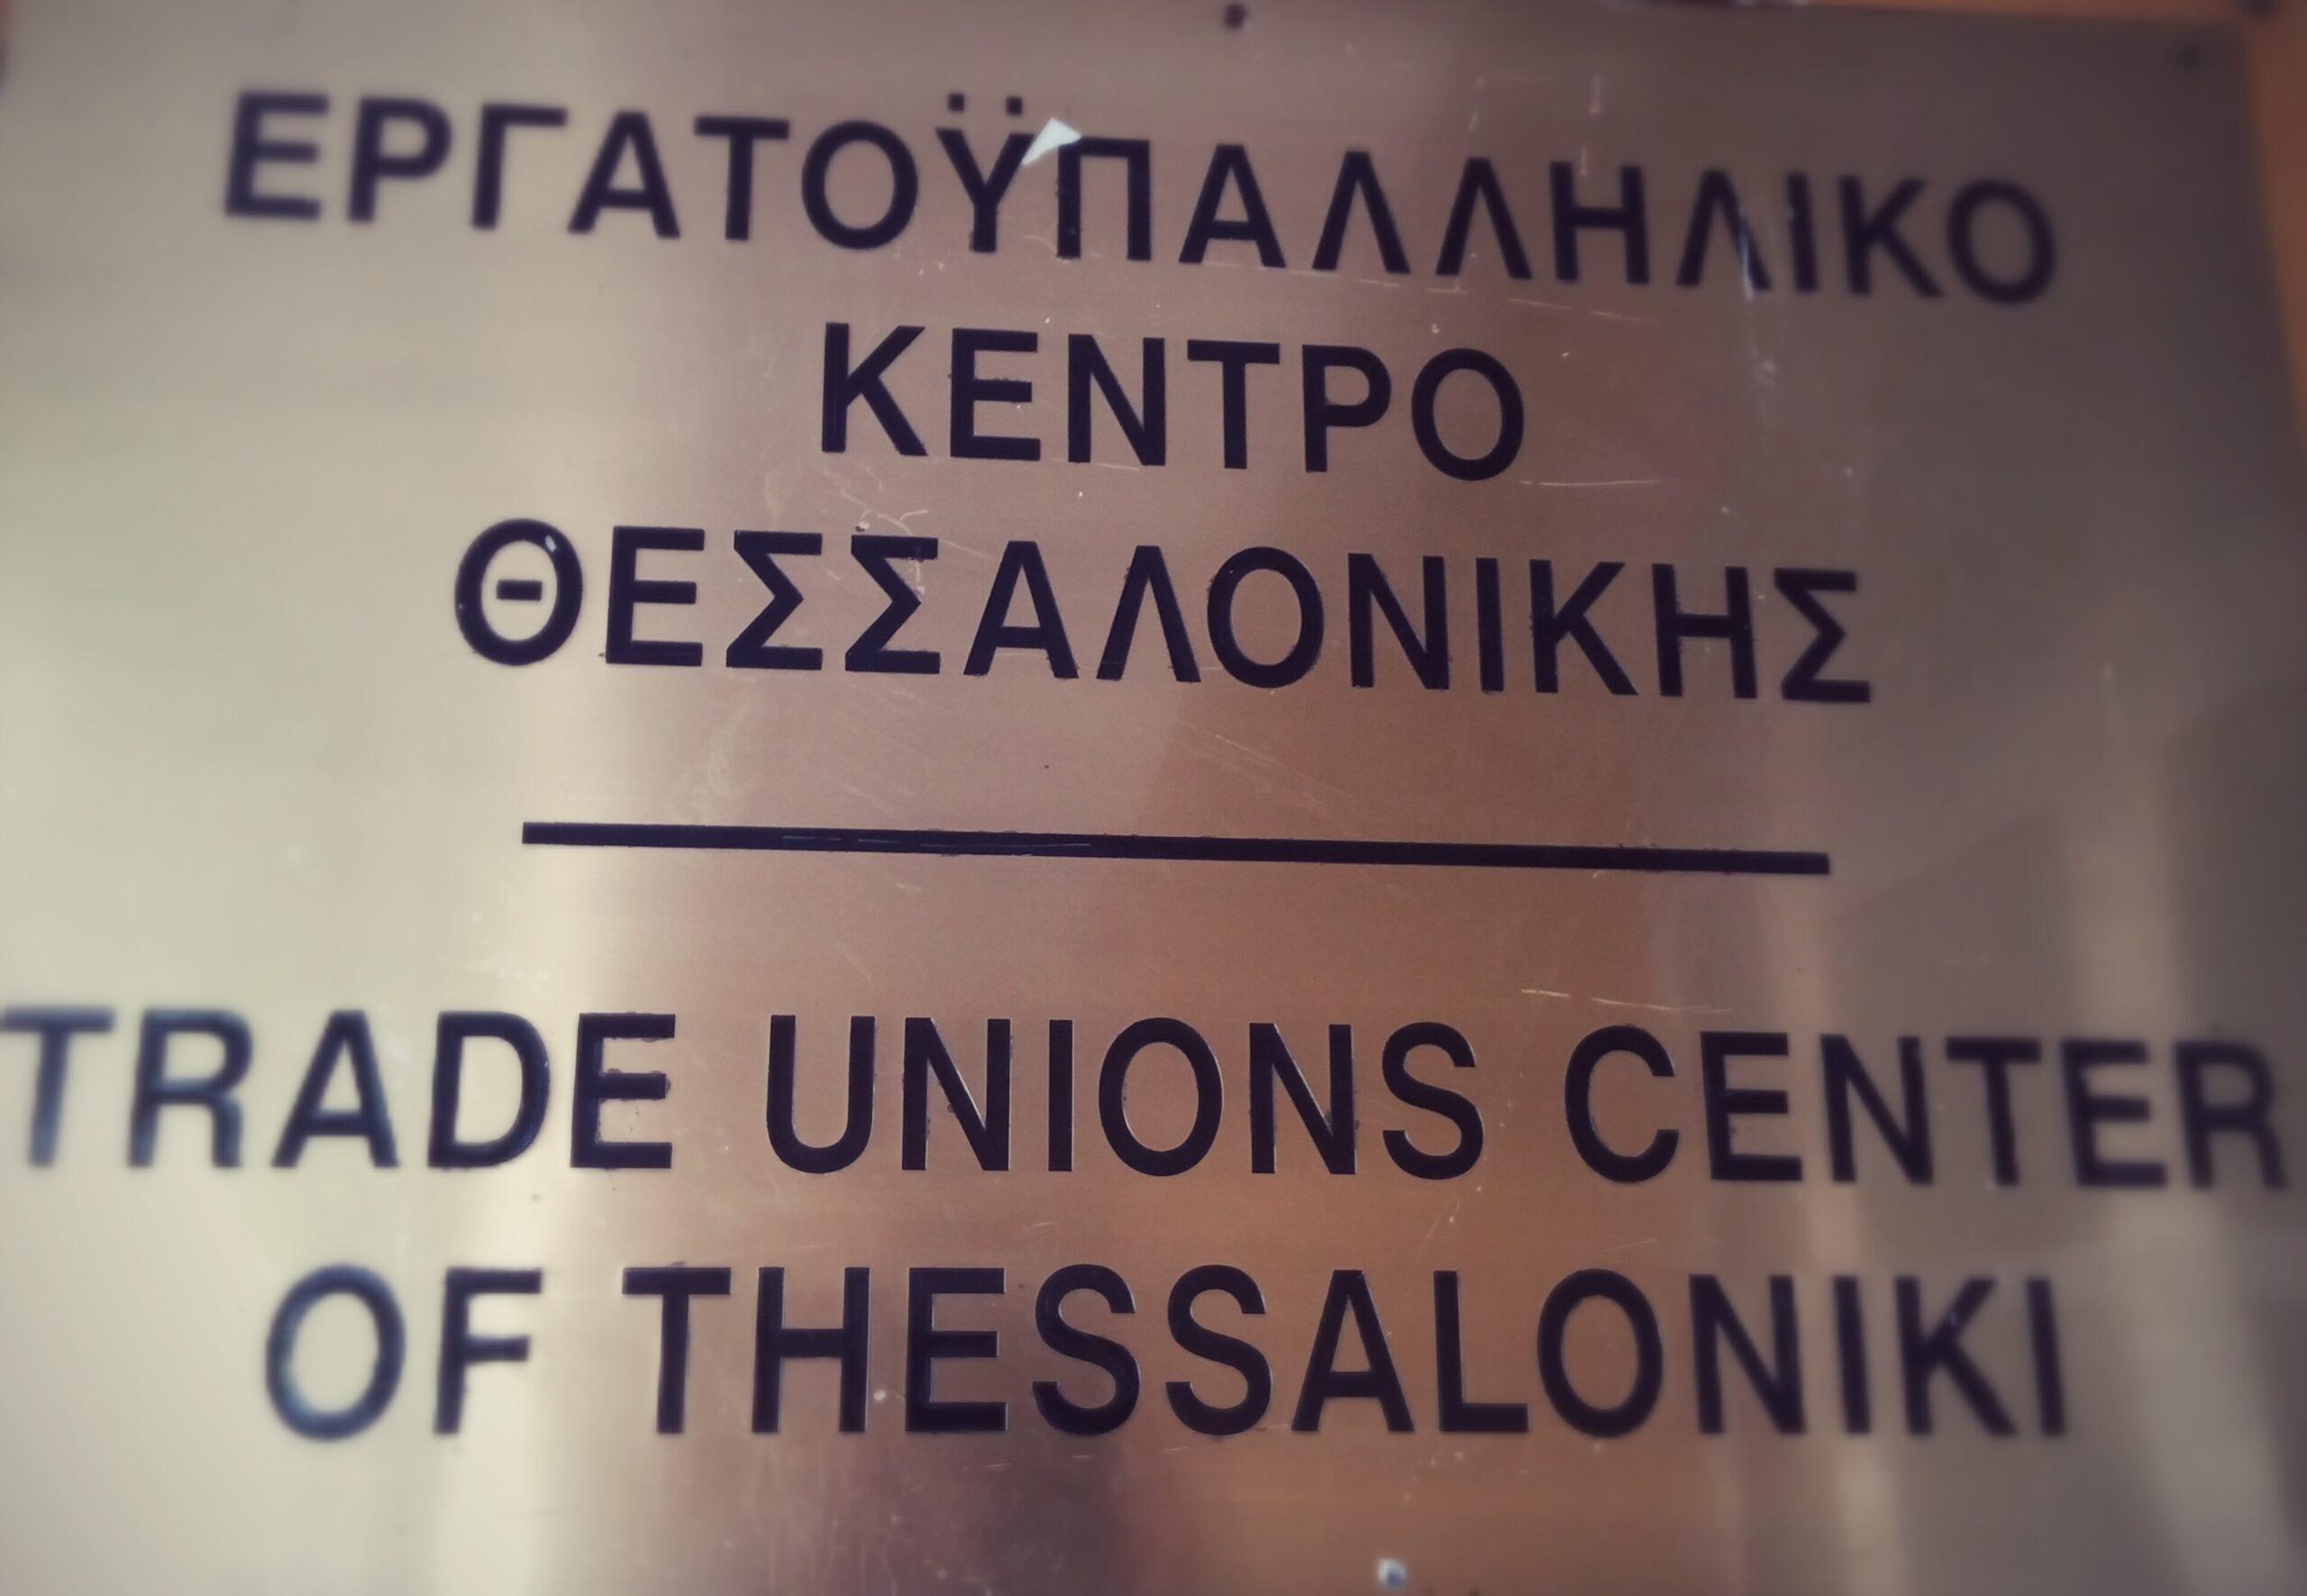 """Σύσκεψη Εργατικών Κέντρων Κεντρικής και Δυτικής Μακεδονίας  με θέμα: """"Συντονισμός για την Απεργία στις 8 Δεκεμβρίου 2016"""". Η παρουσία όλων απαραίτητη."""